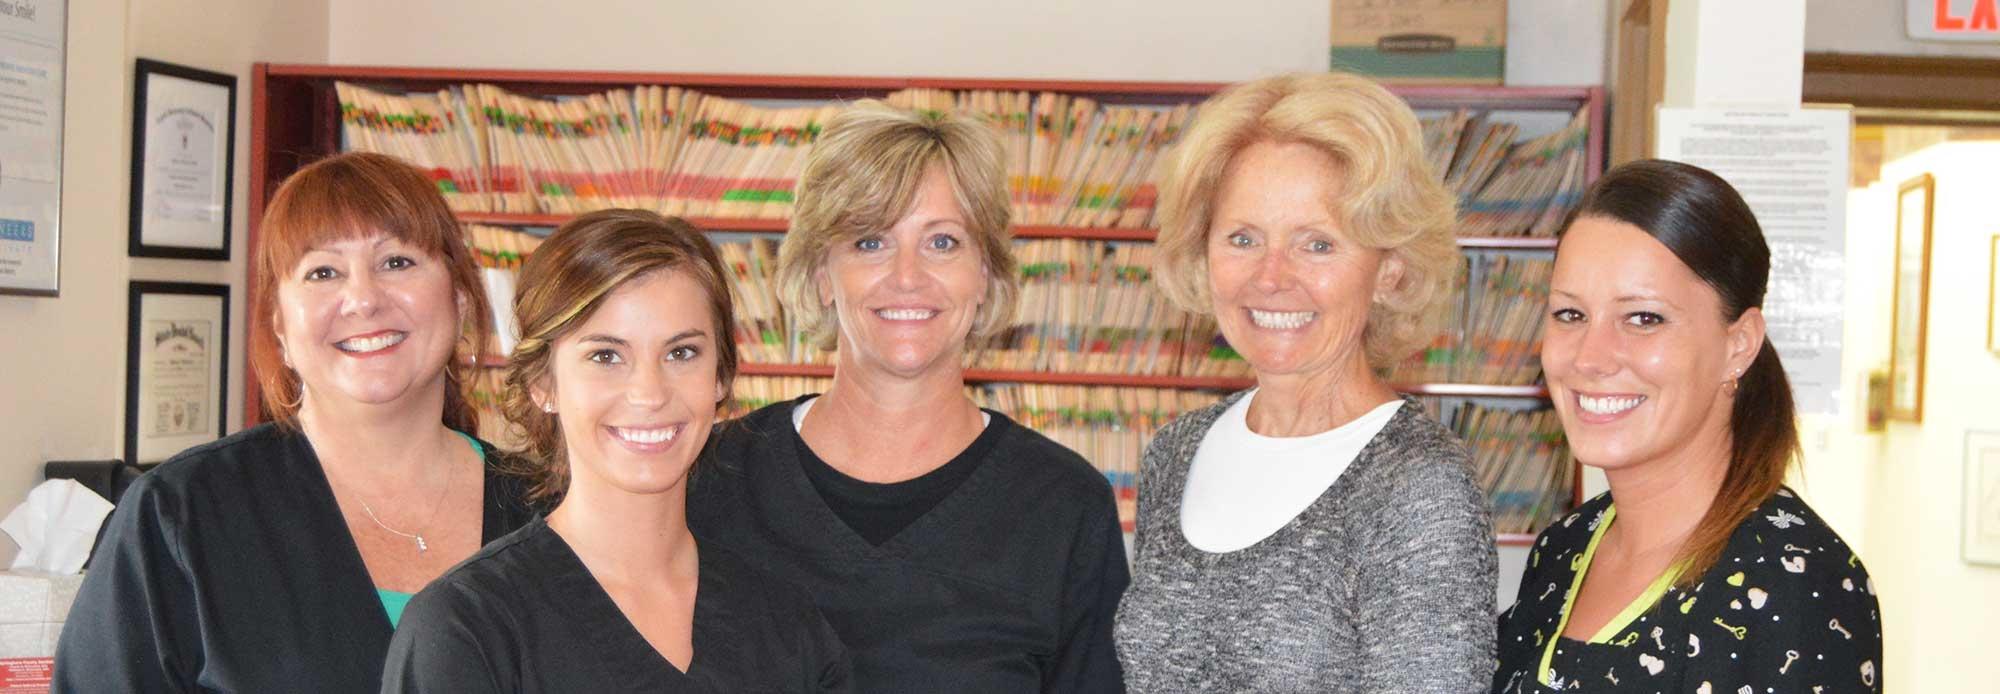 Springboro Family Dentistry image 1